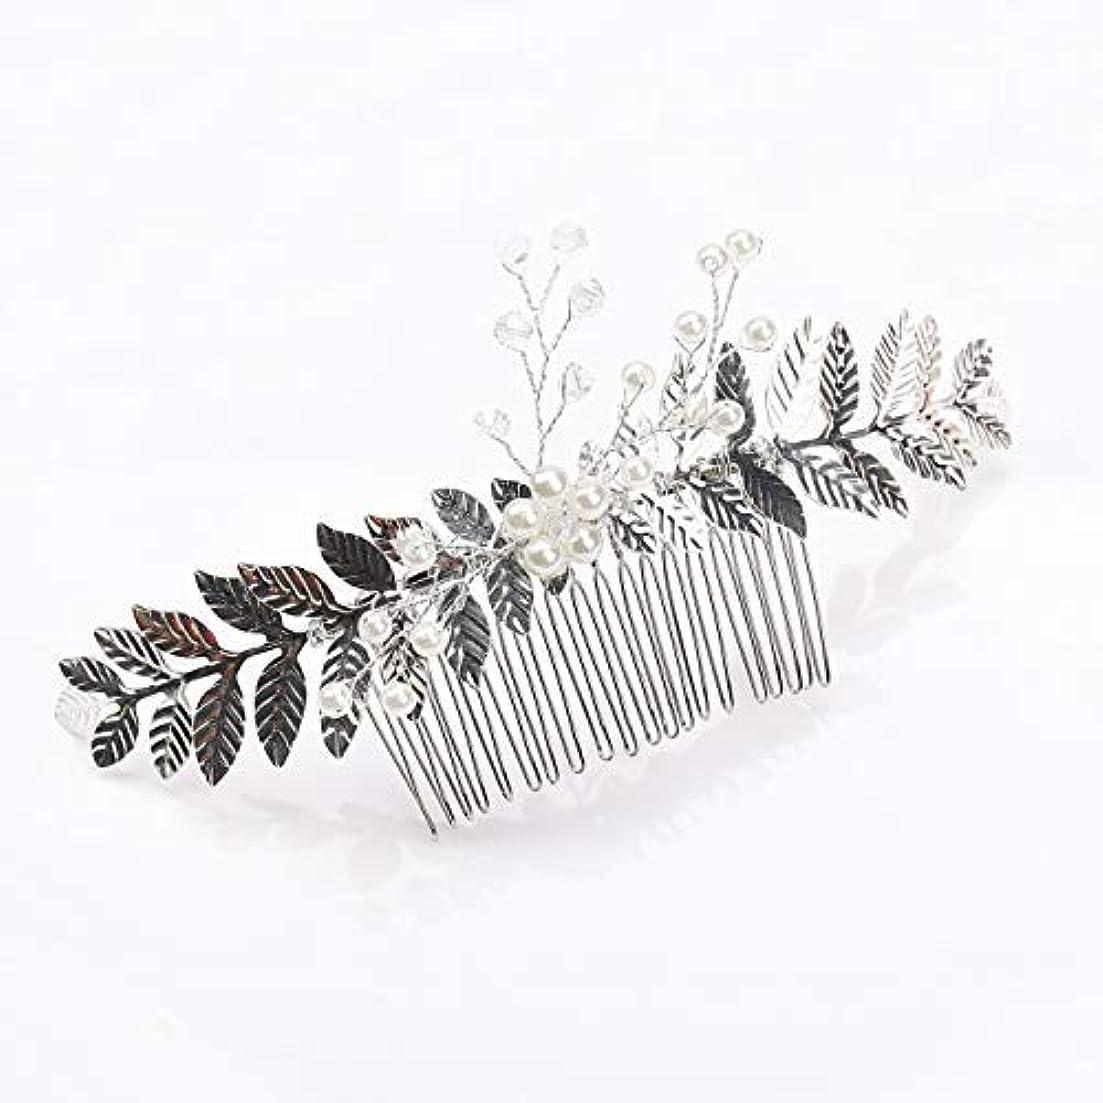 システム美徳にはまってKercisbeauty Rustic Wedding Oliver Branch Pearl Flower and Crystal Hair Comb for Bride Bridesmaid Prom Headpiece...